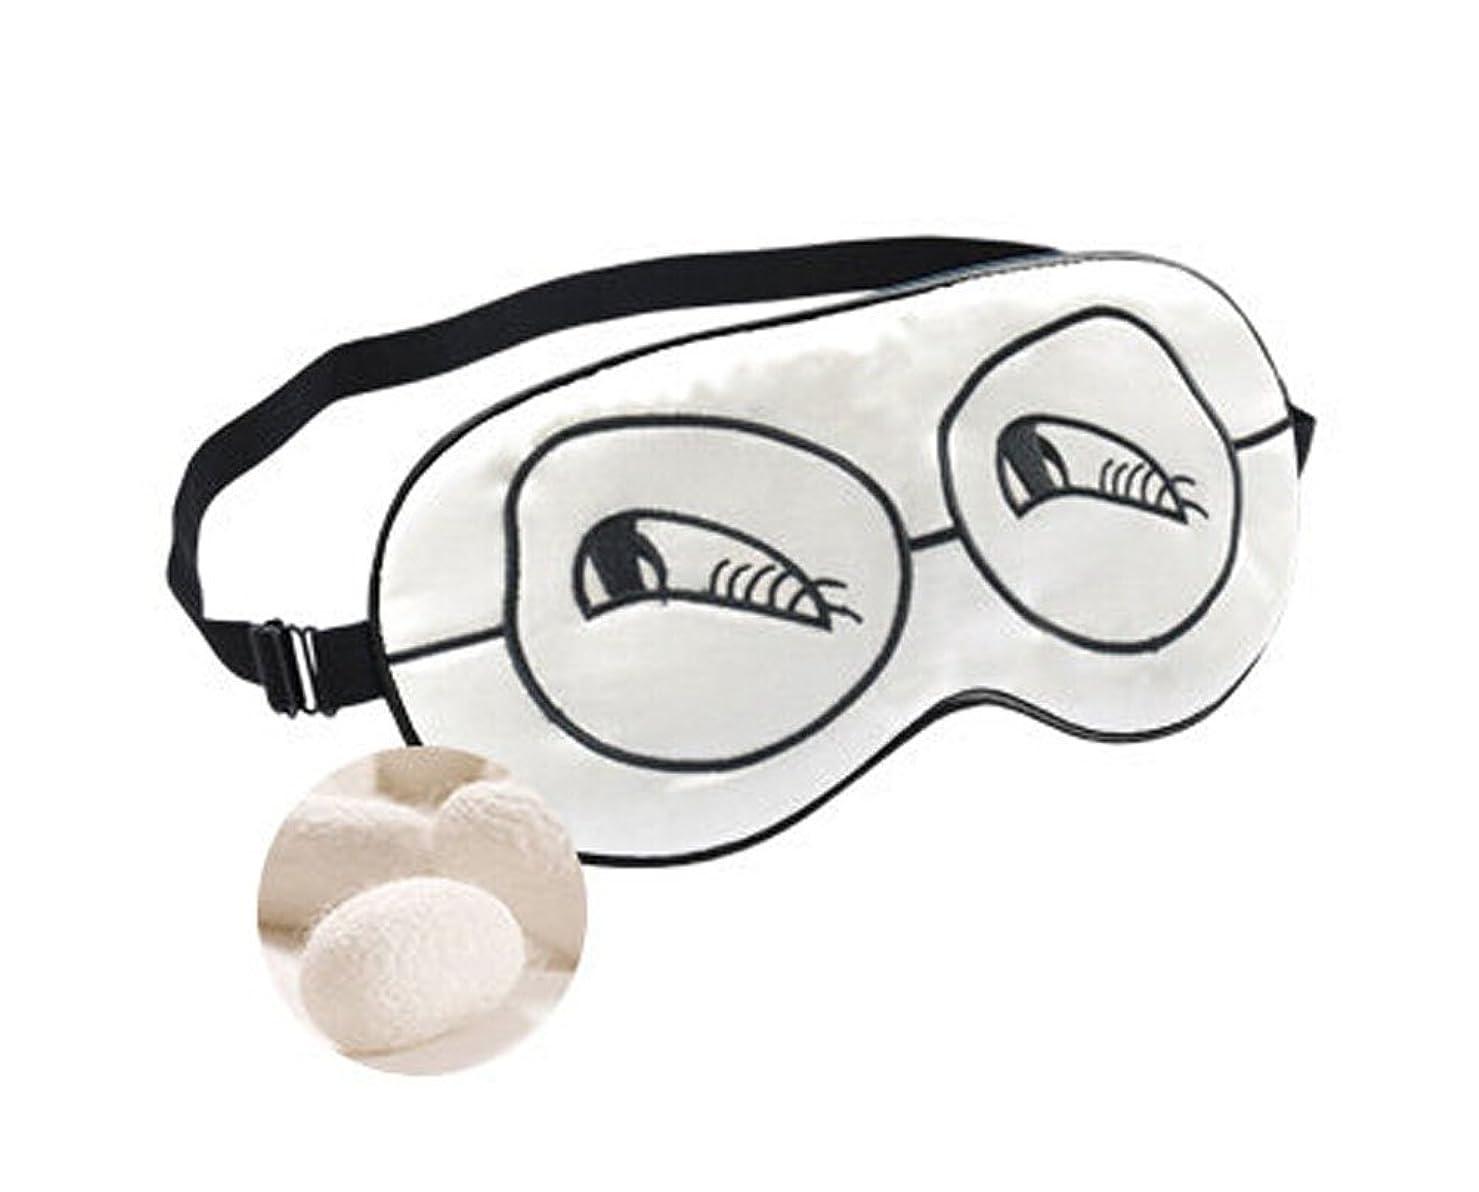 フィルタ強調学者クリエイティブシルクアイマスクキュートな快適なアイシェイドスリープアイマスク(スモールアイズ)